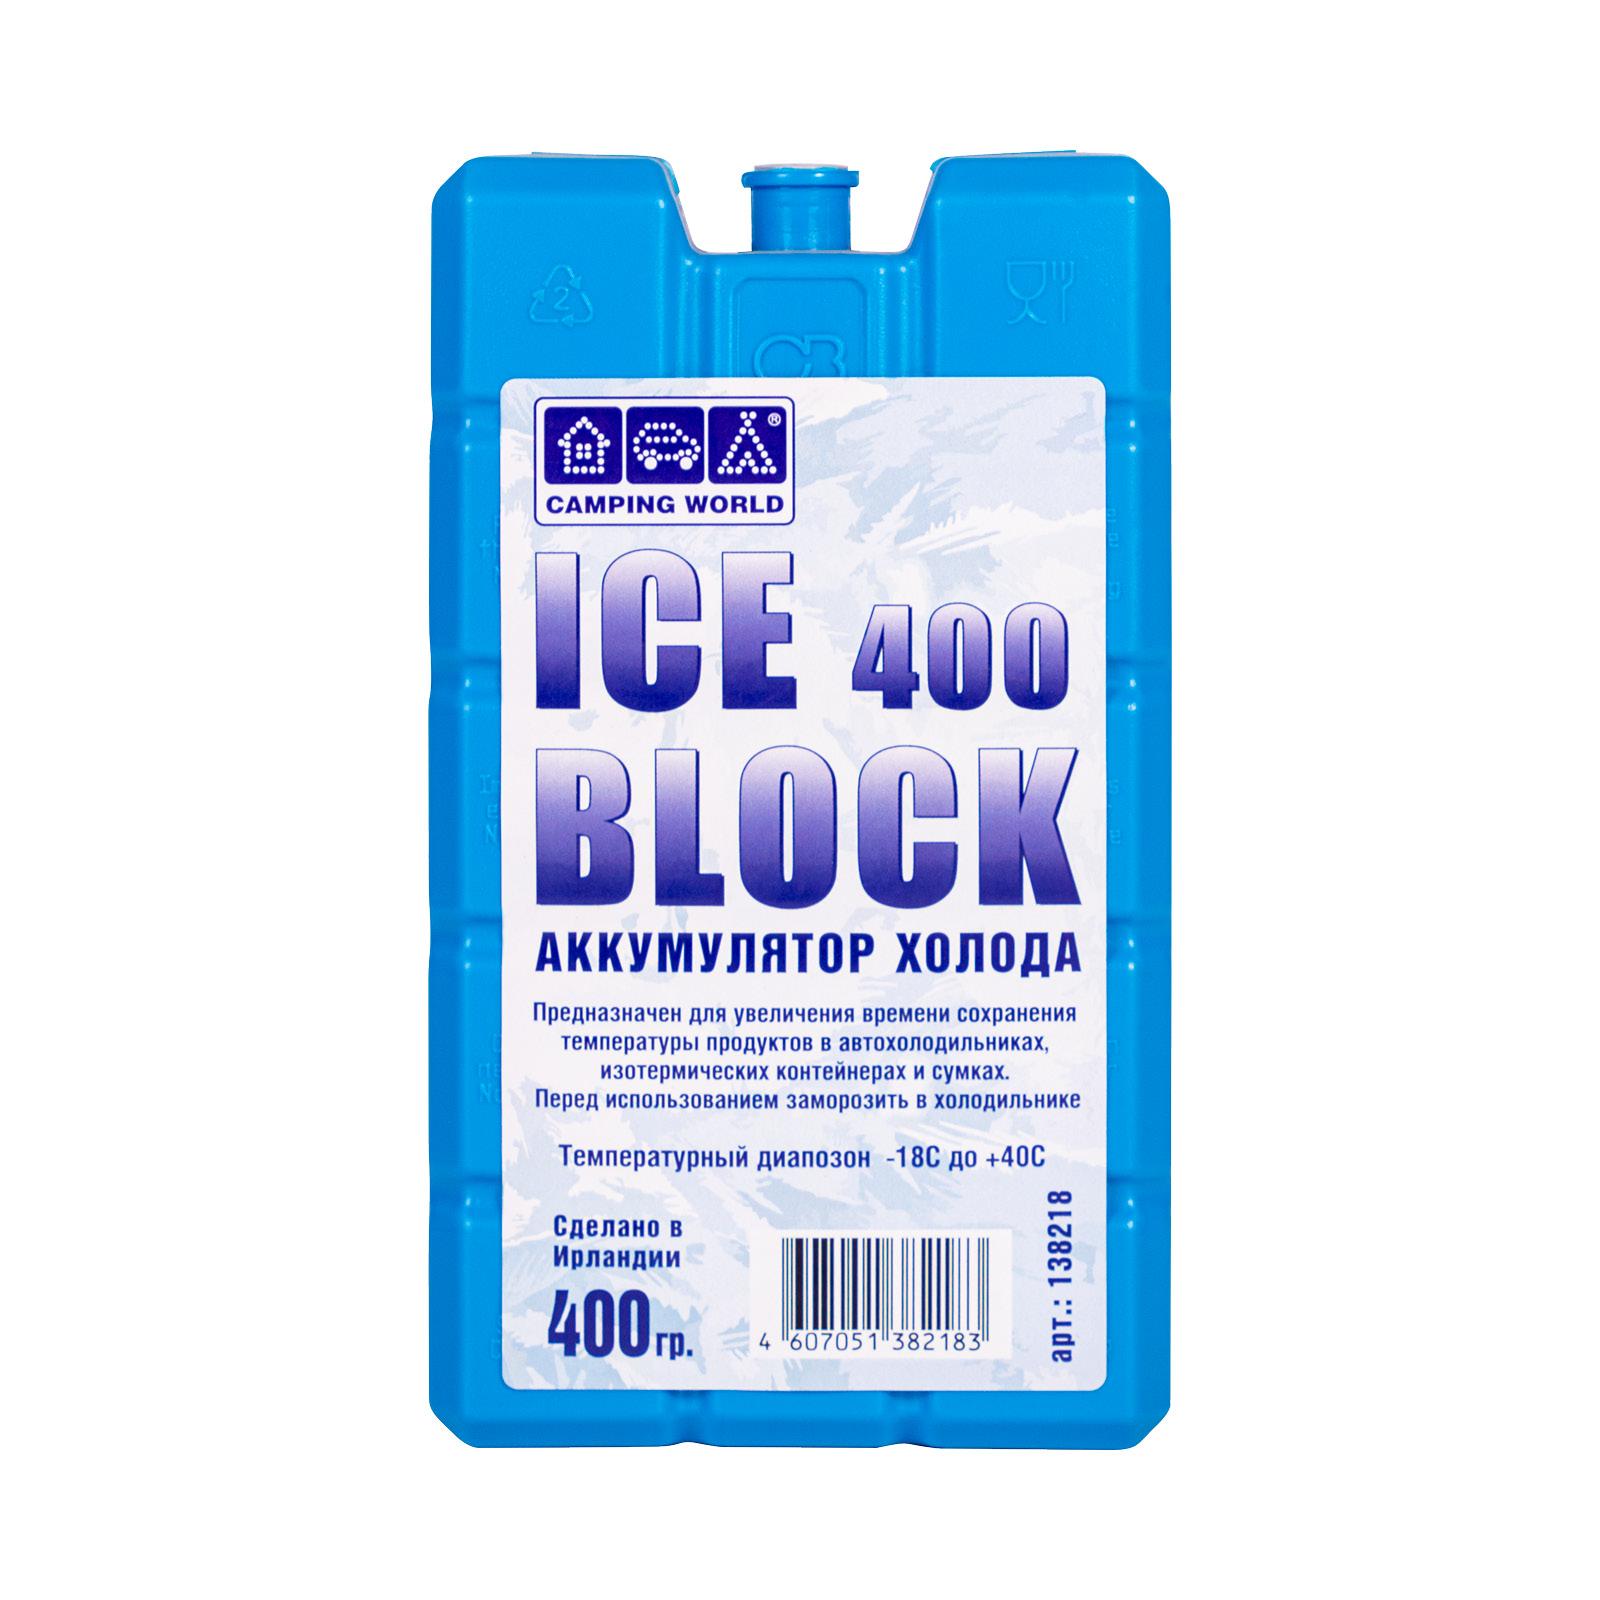 Iceblock 400